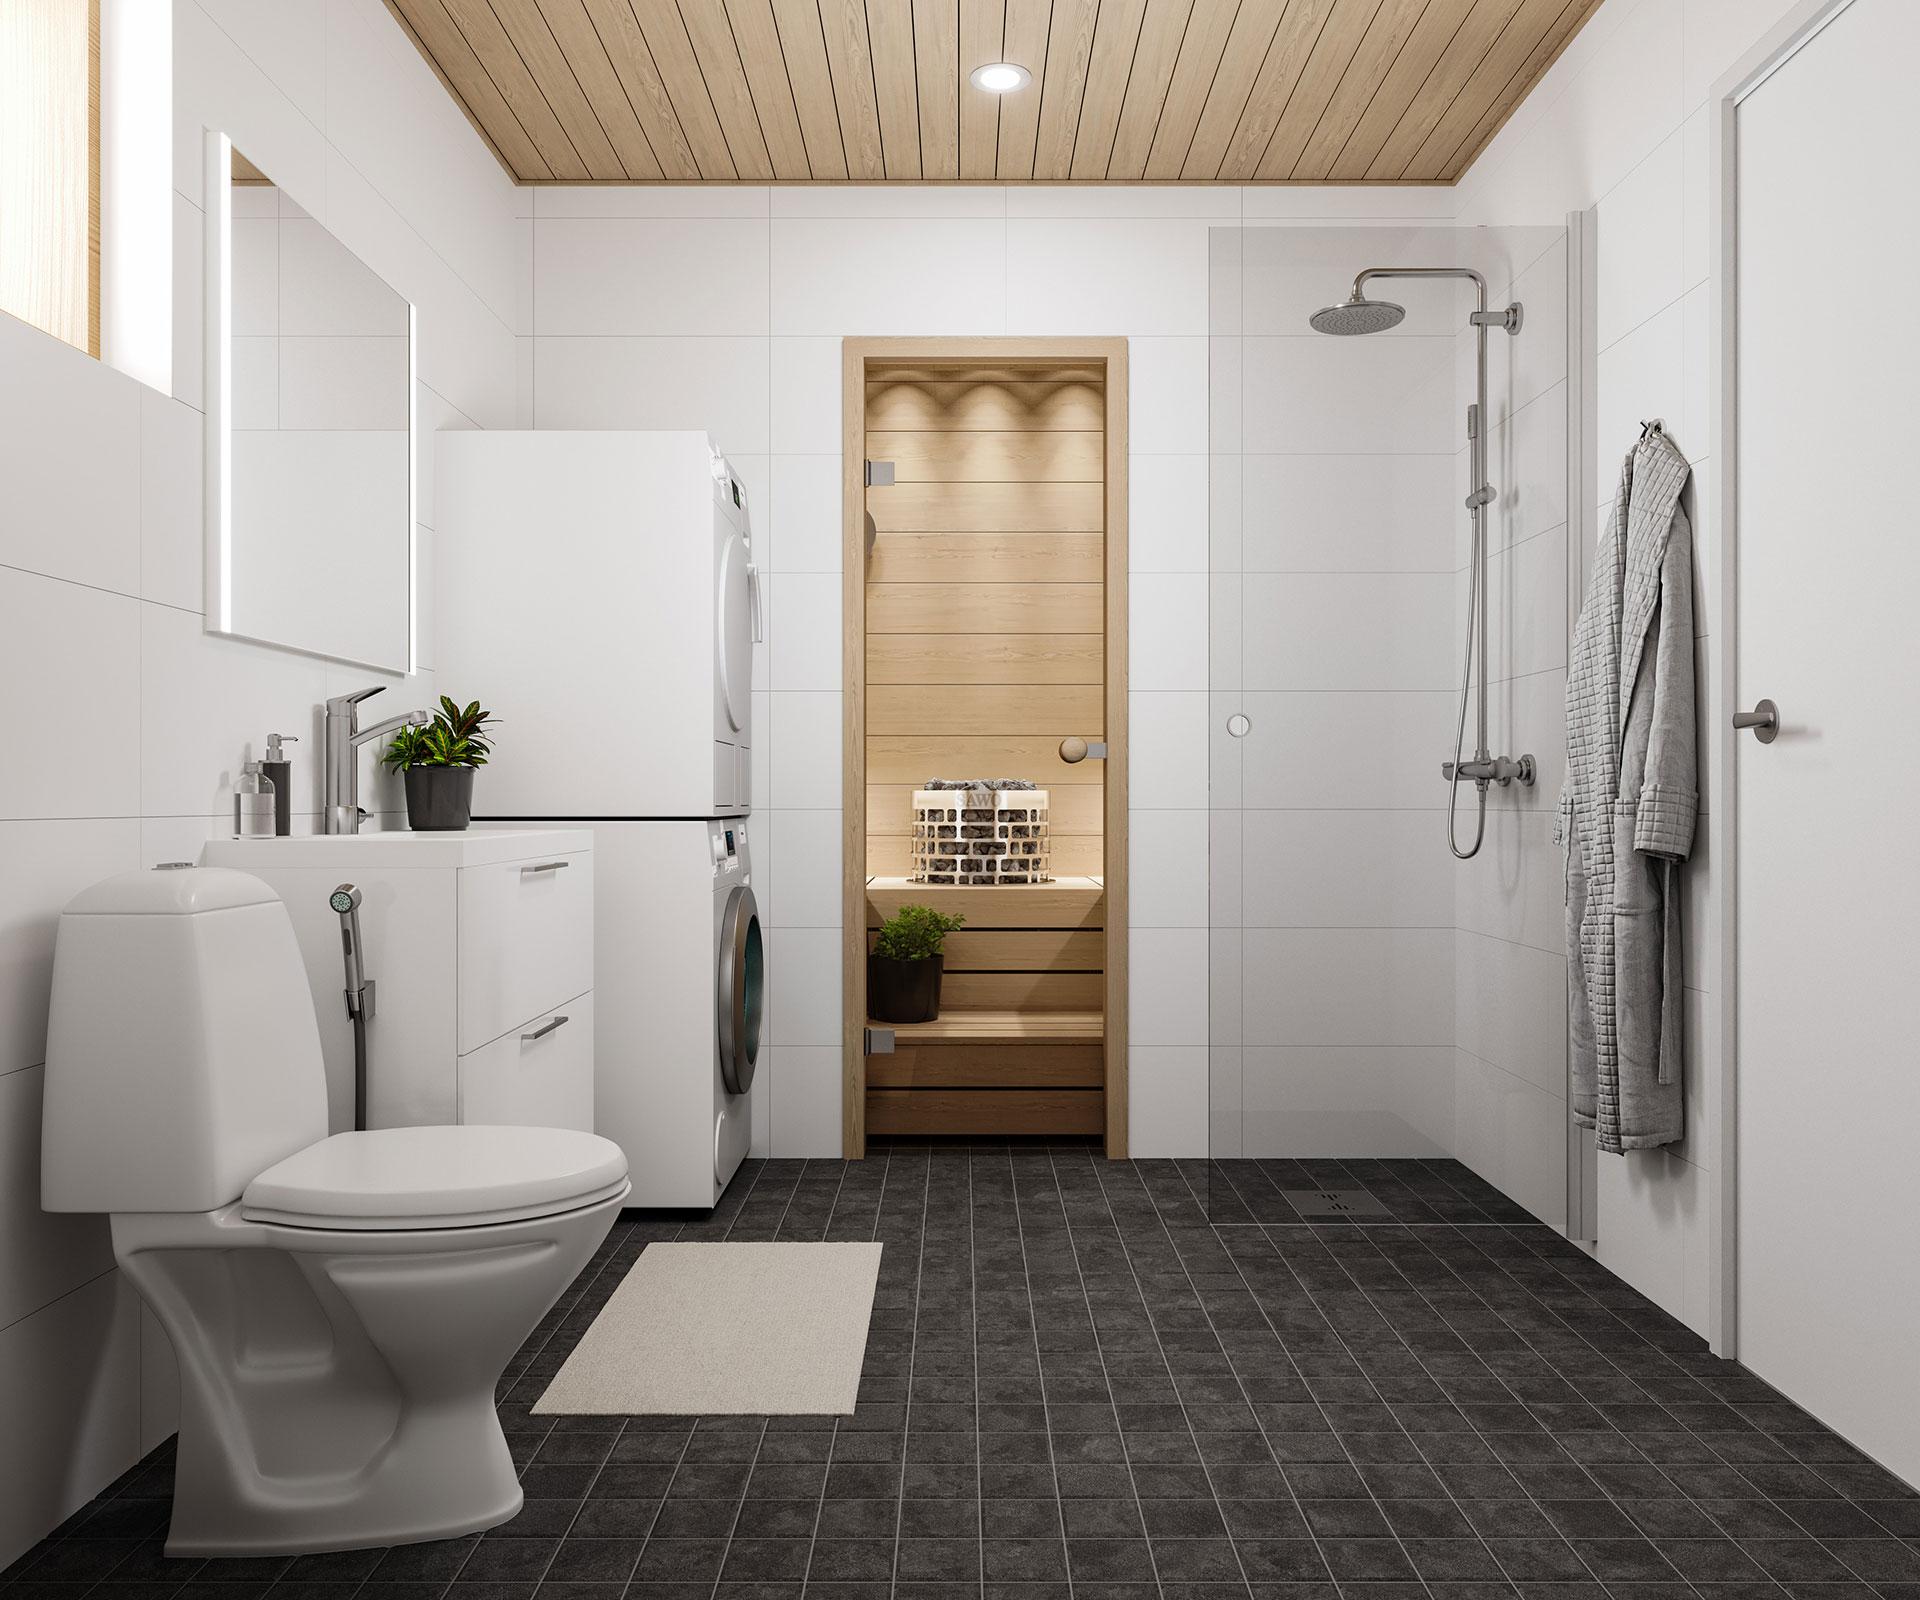 Luuwe Kodit: As. Oy Lohjan Roution metsänhenki, sisäkuva pesuhuone ja sauna